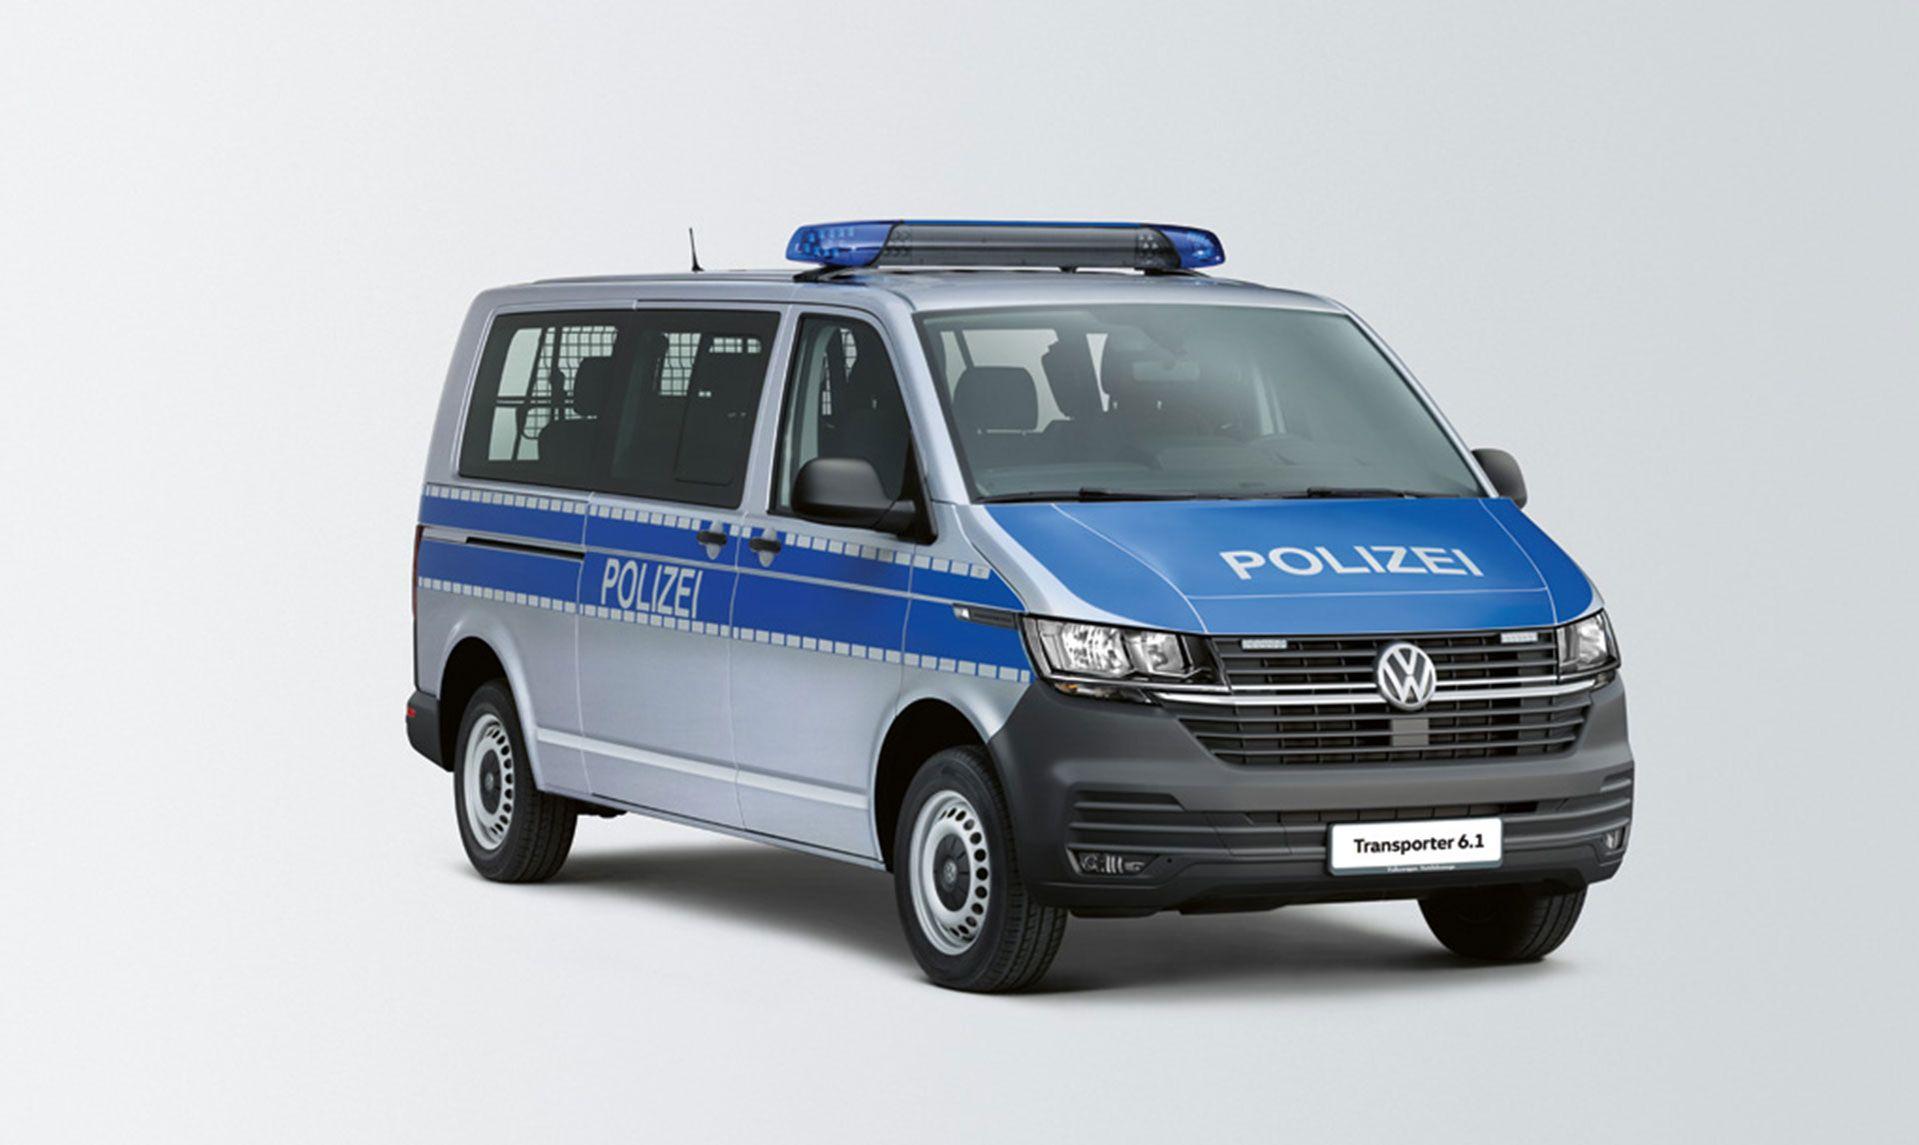 2020_03_STA_Nfz_Zentrum_OS_T6_1_Transporter_Sonderausbauten_04